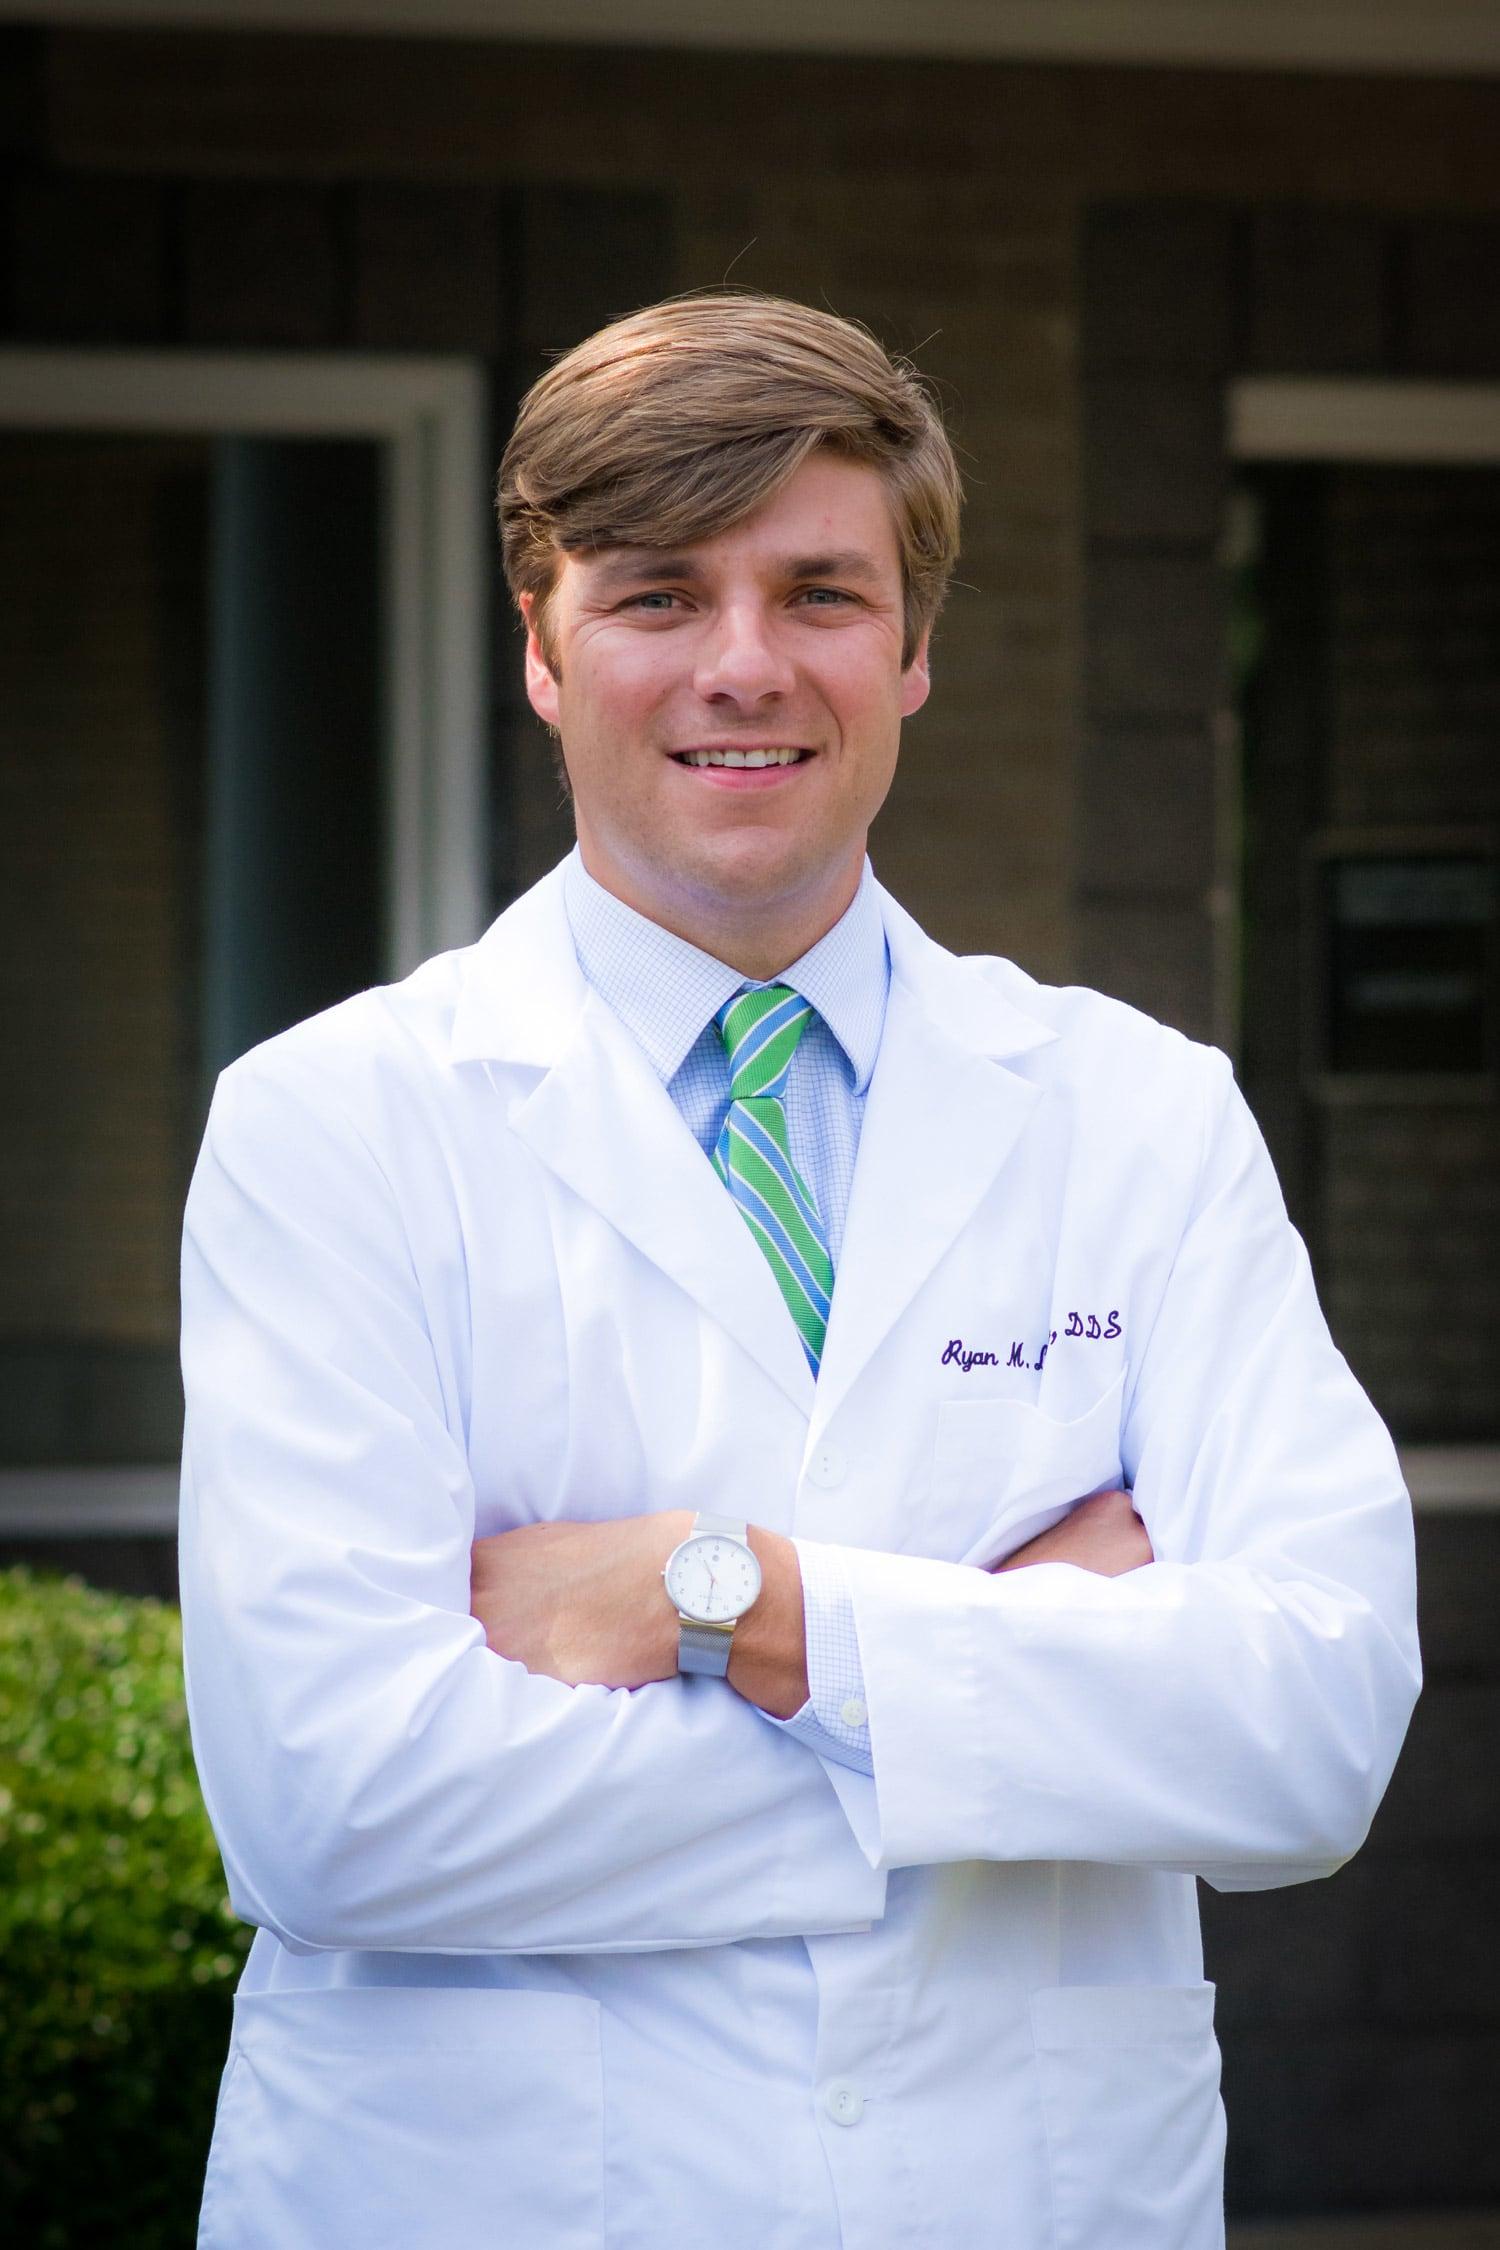 Dr. Ryan M Londry